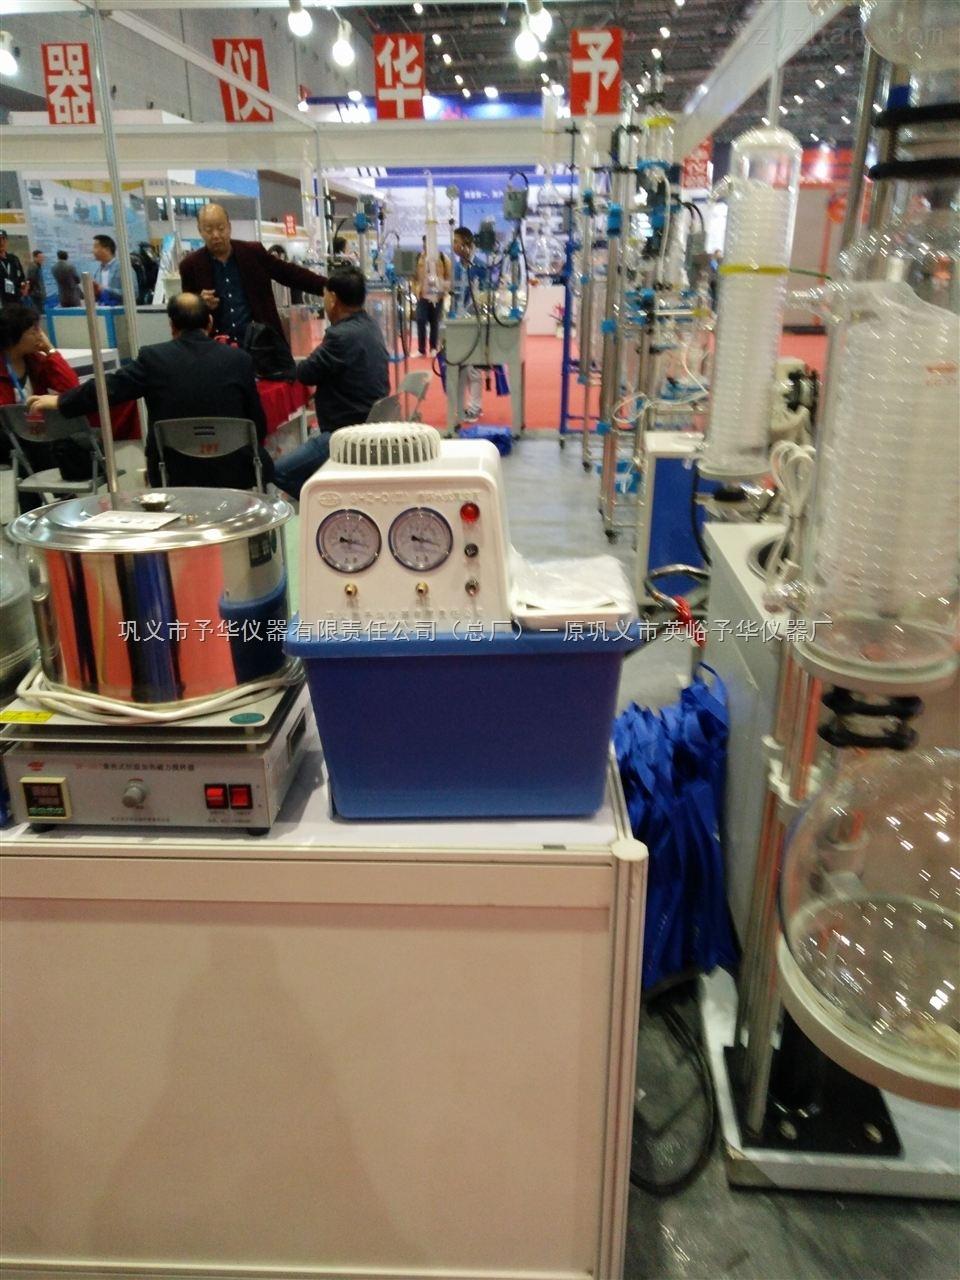 DF-101T集热式磁力搅拌器巩义予华水油浴锅  :